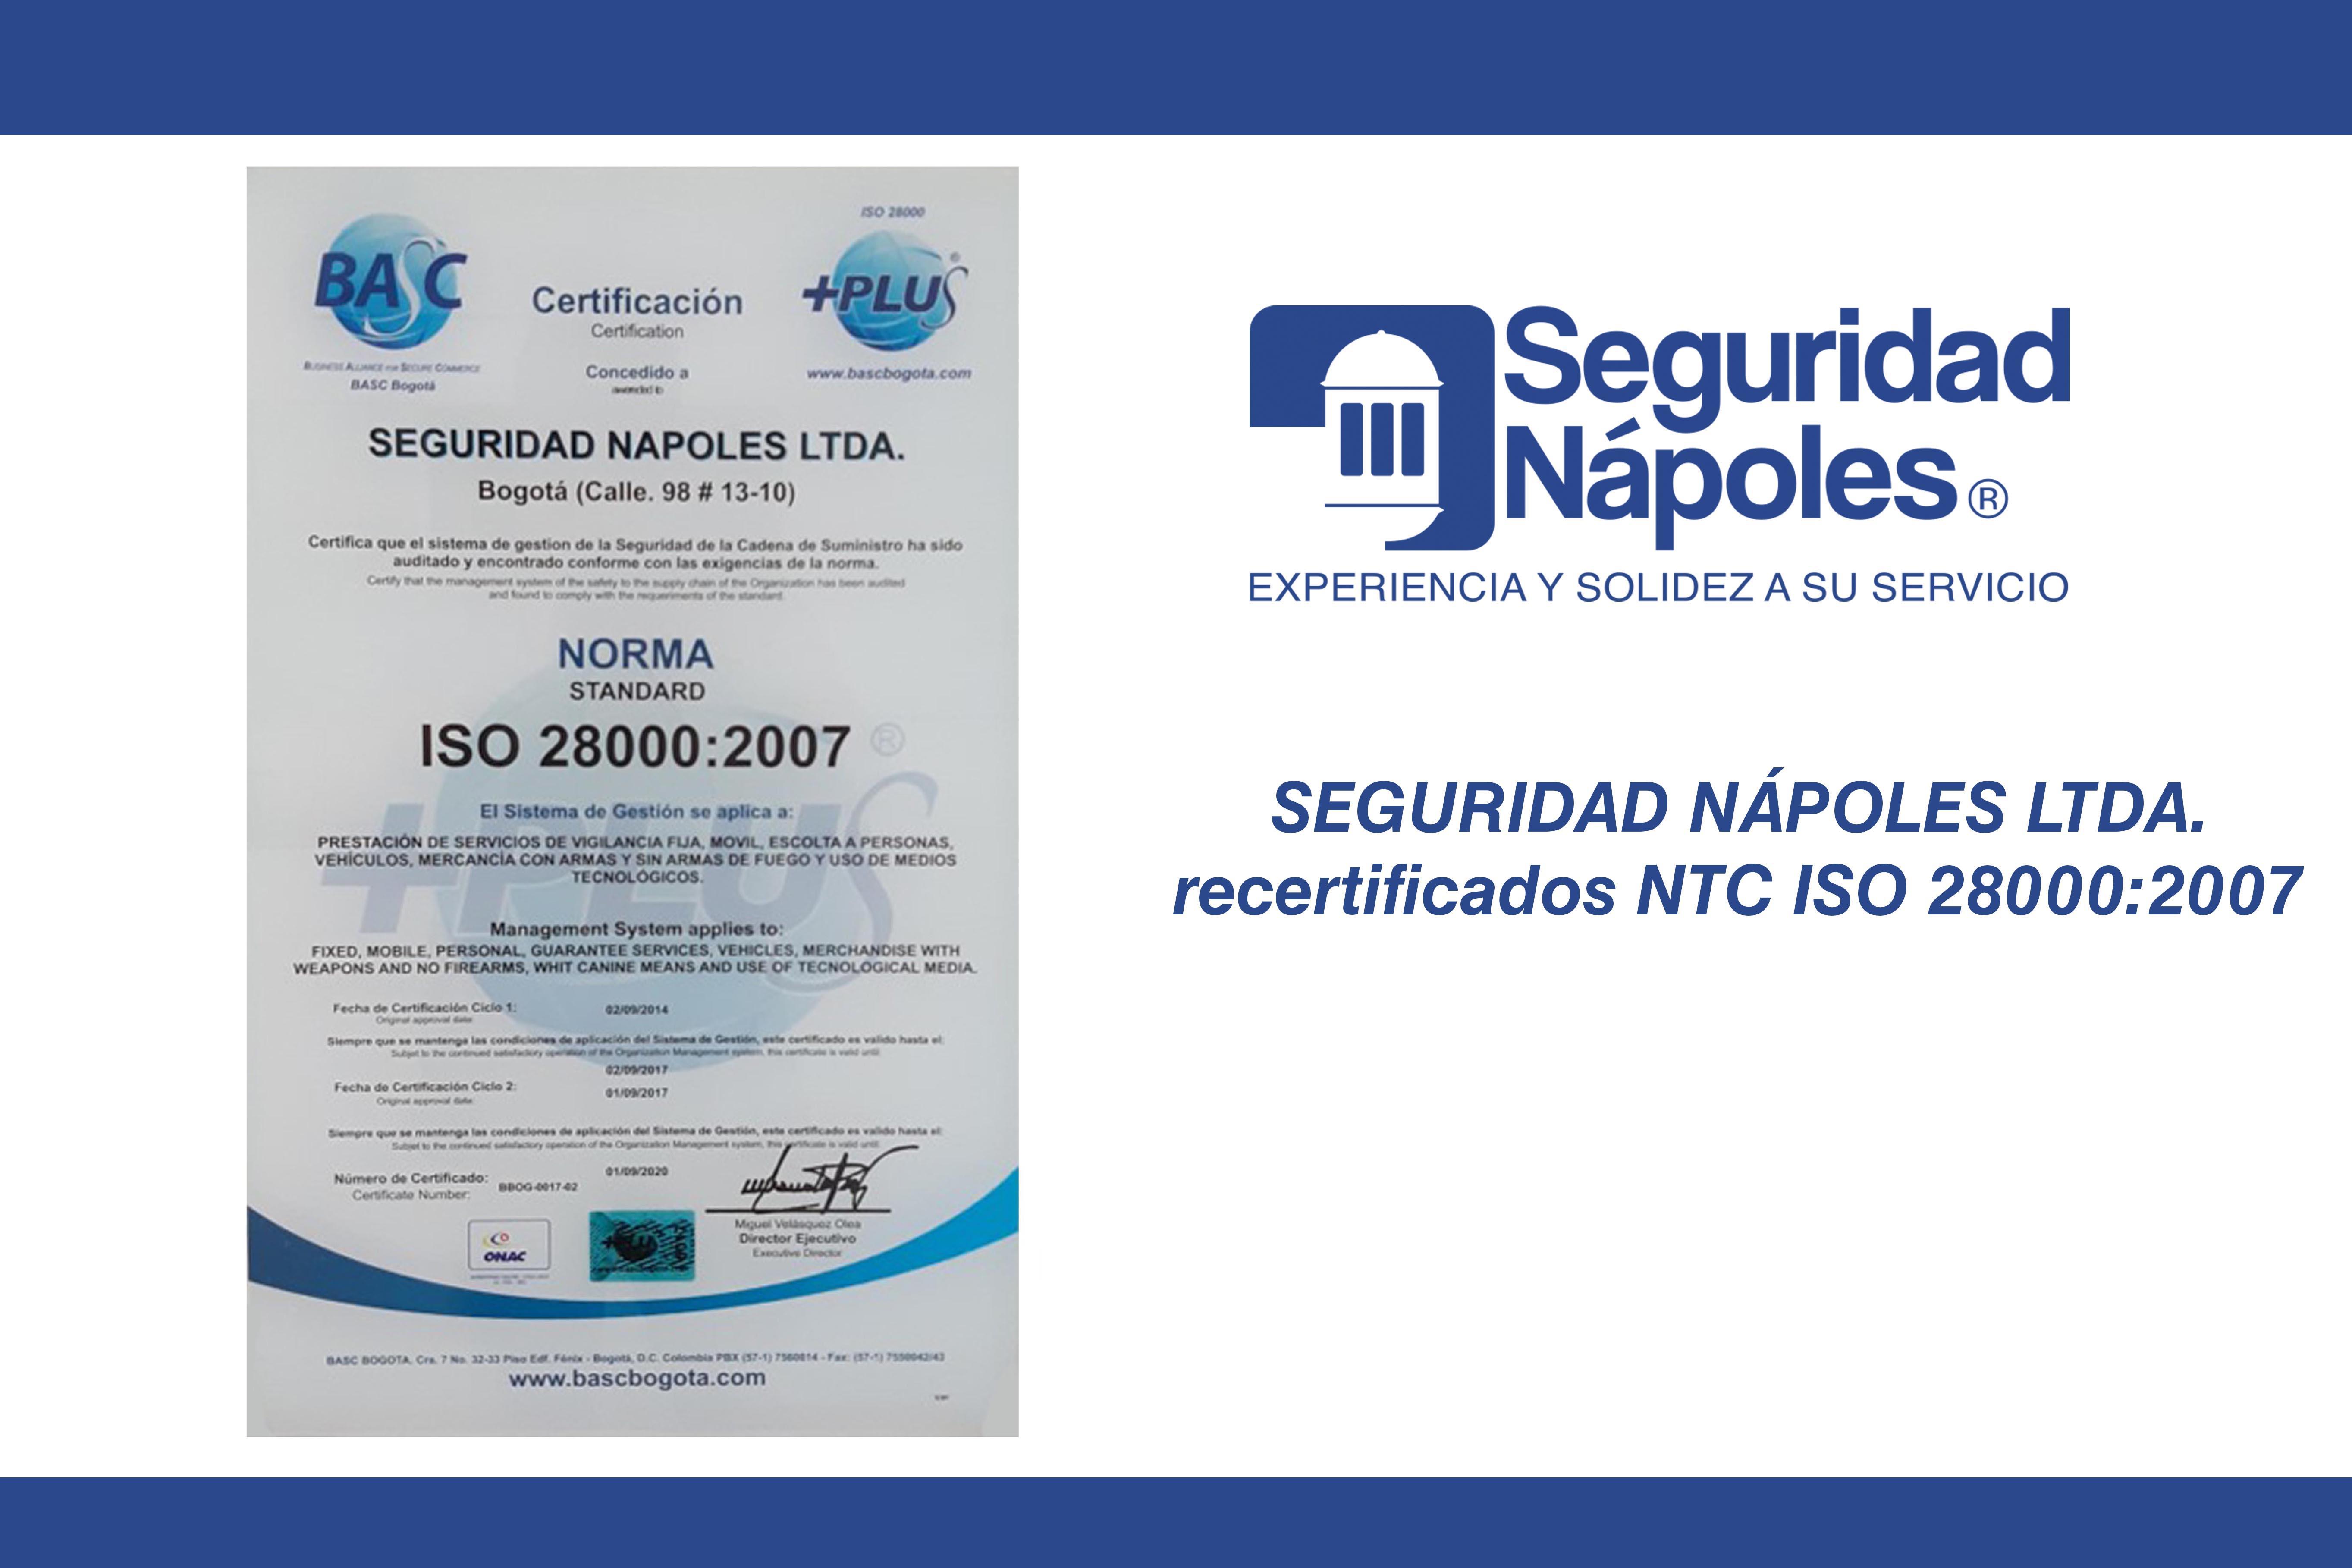 Seguridad Nápoles LTDA. recertificados NTC ISO 28000:2007